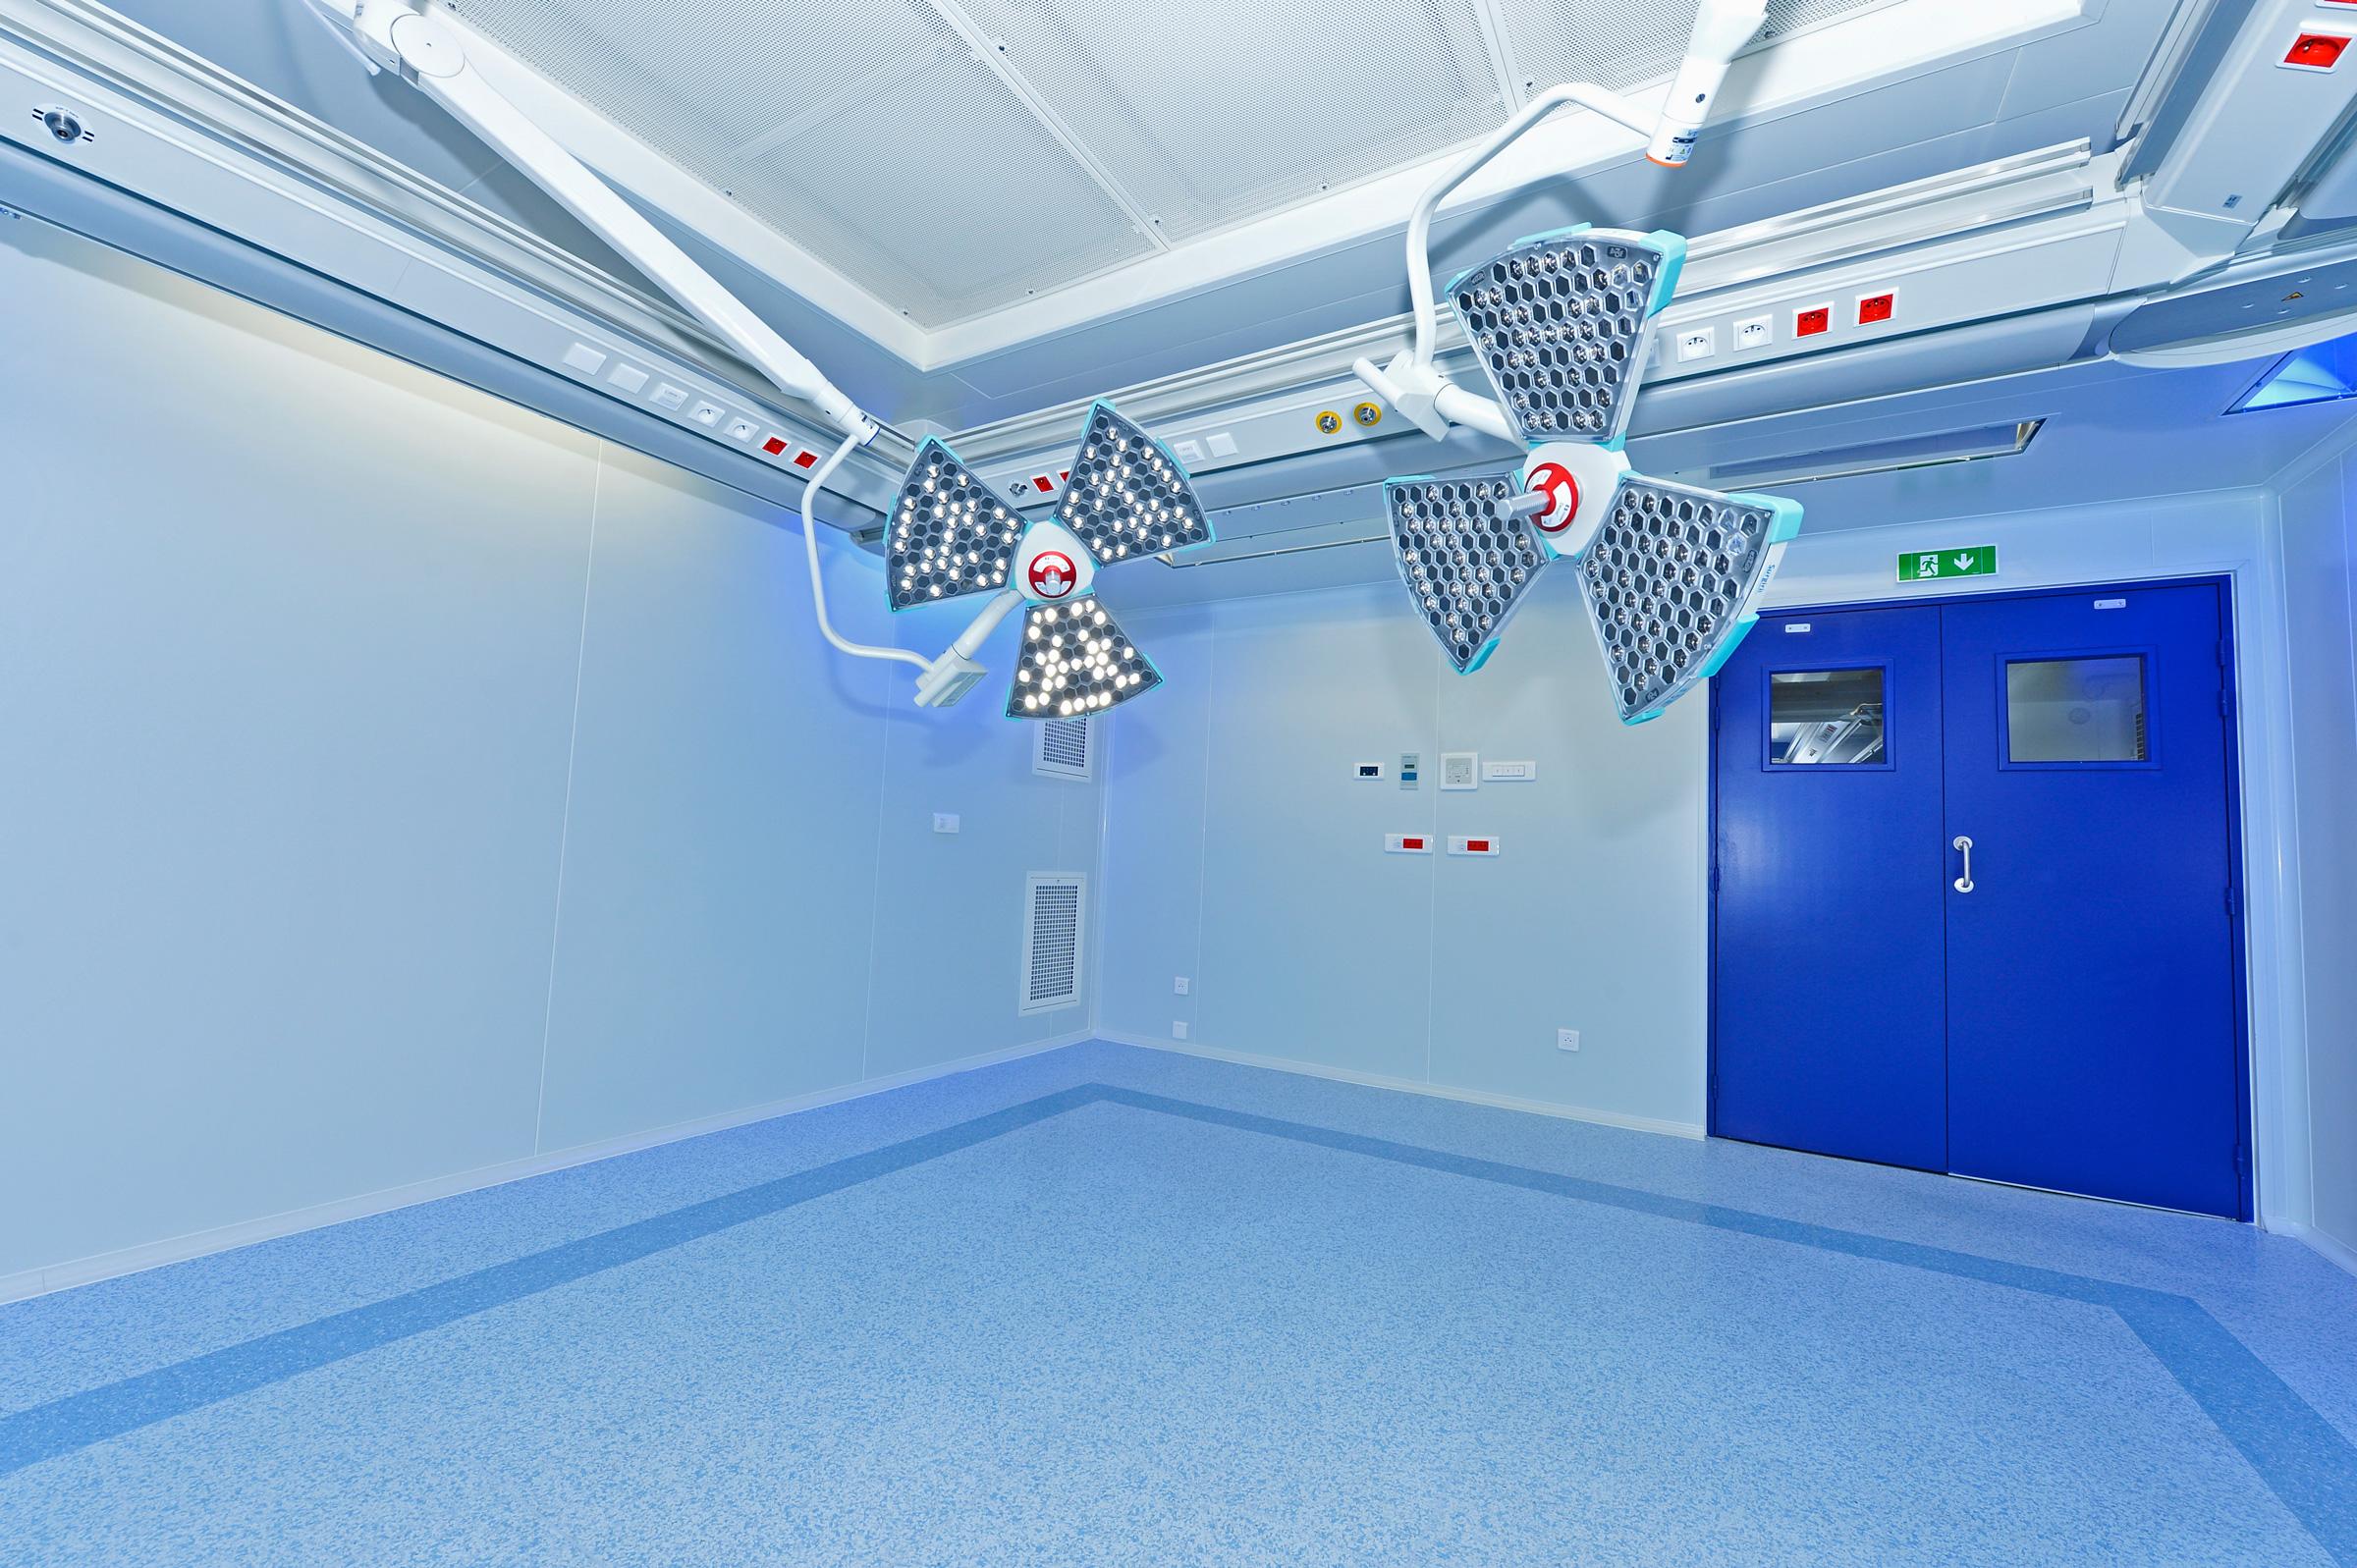 Saint Antoine Hospital image